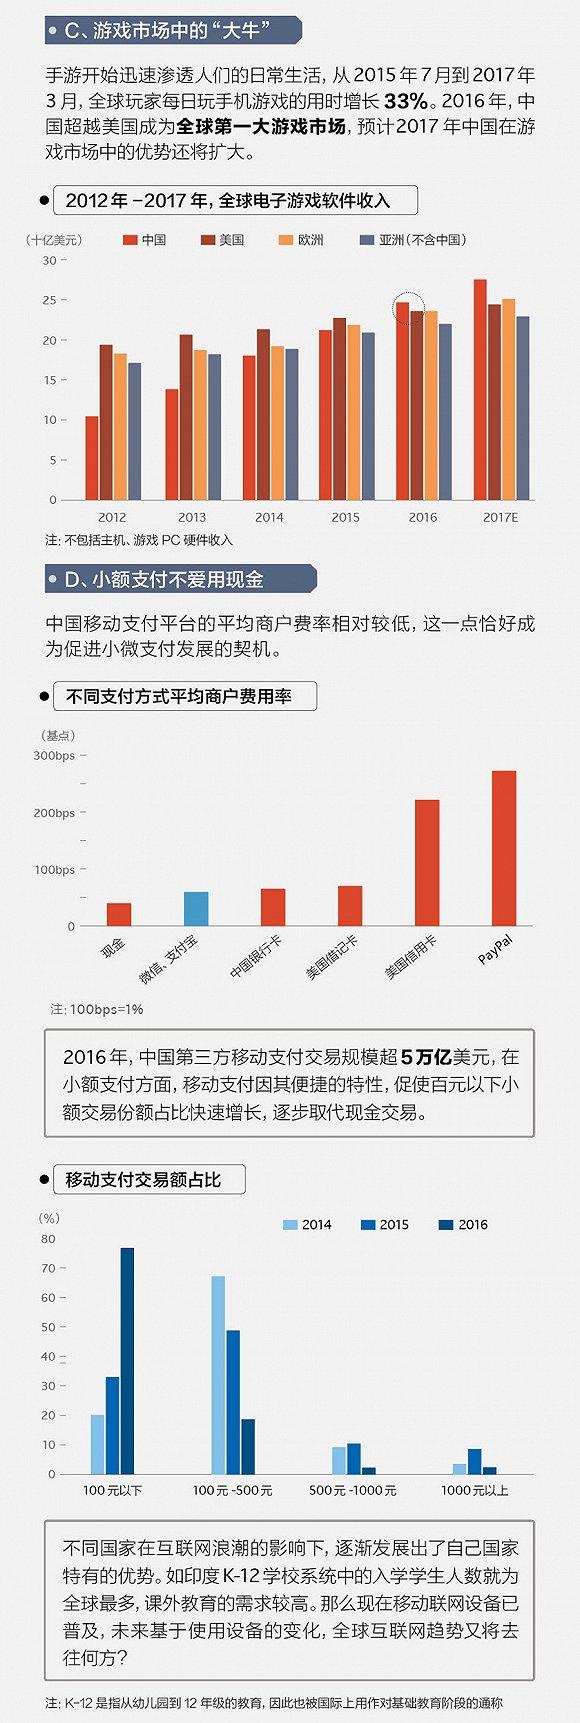 【信息图】中国互联网人群画像